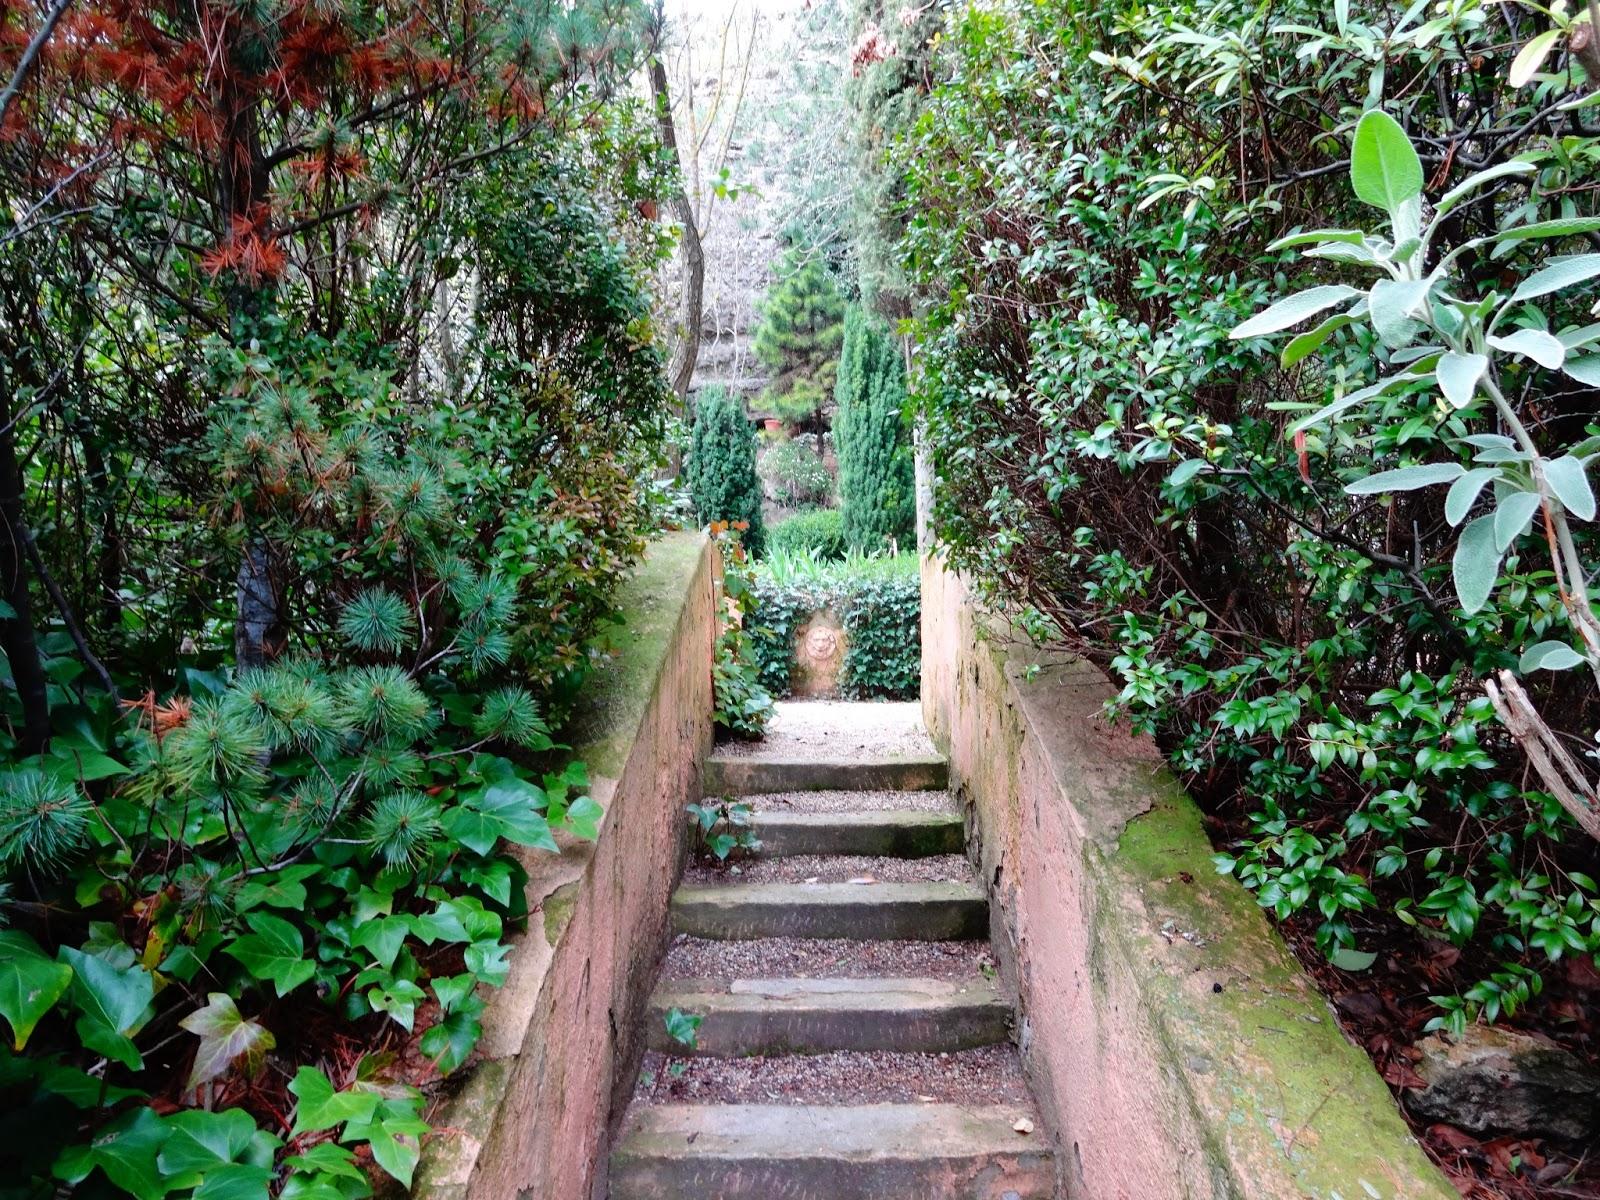 Hortibus Voyage Parcs Et Jardins De Picardie  Visite D